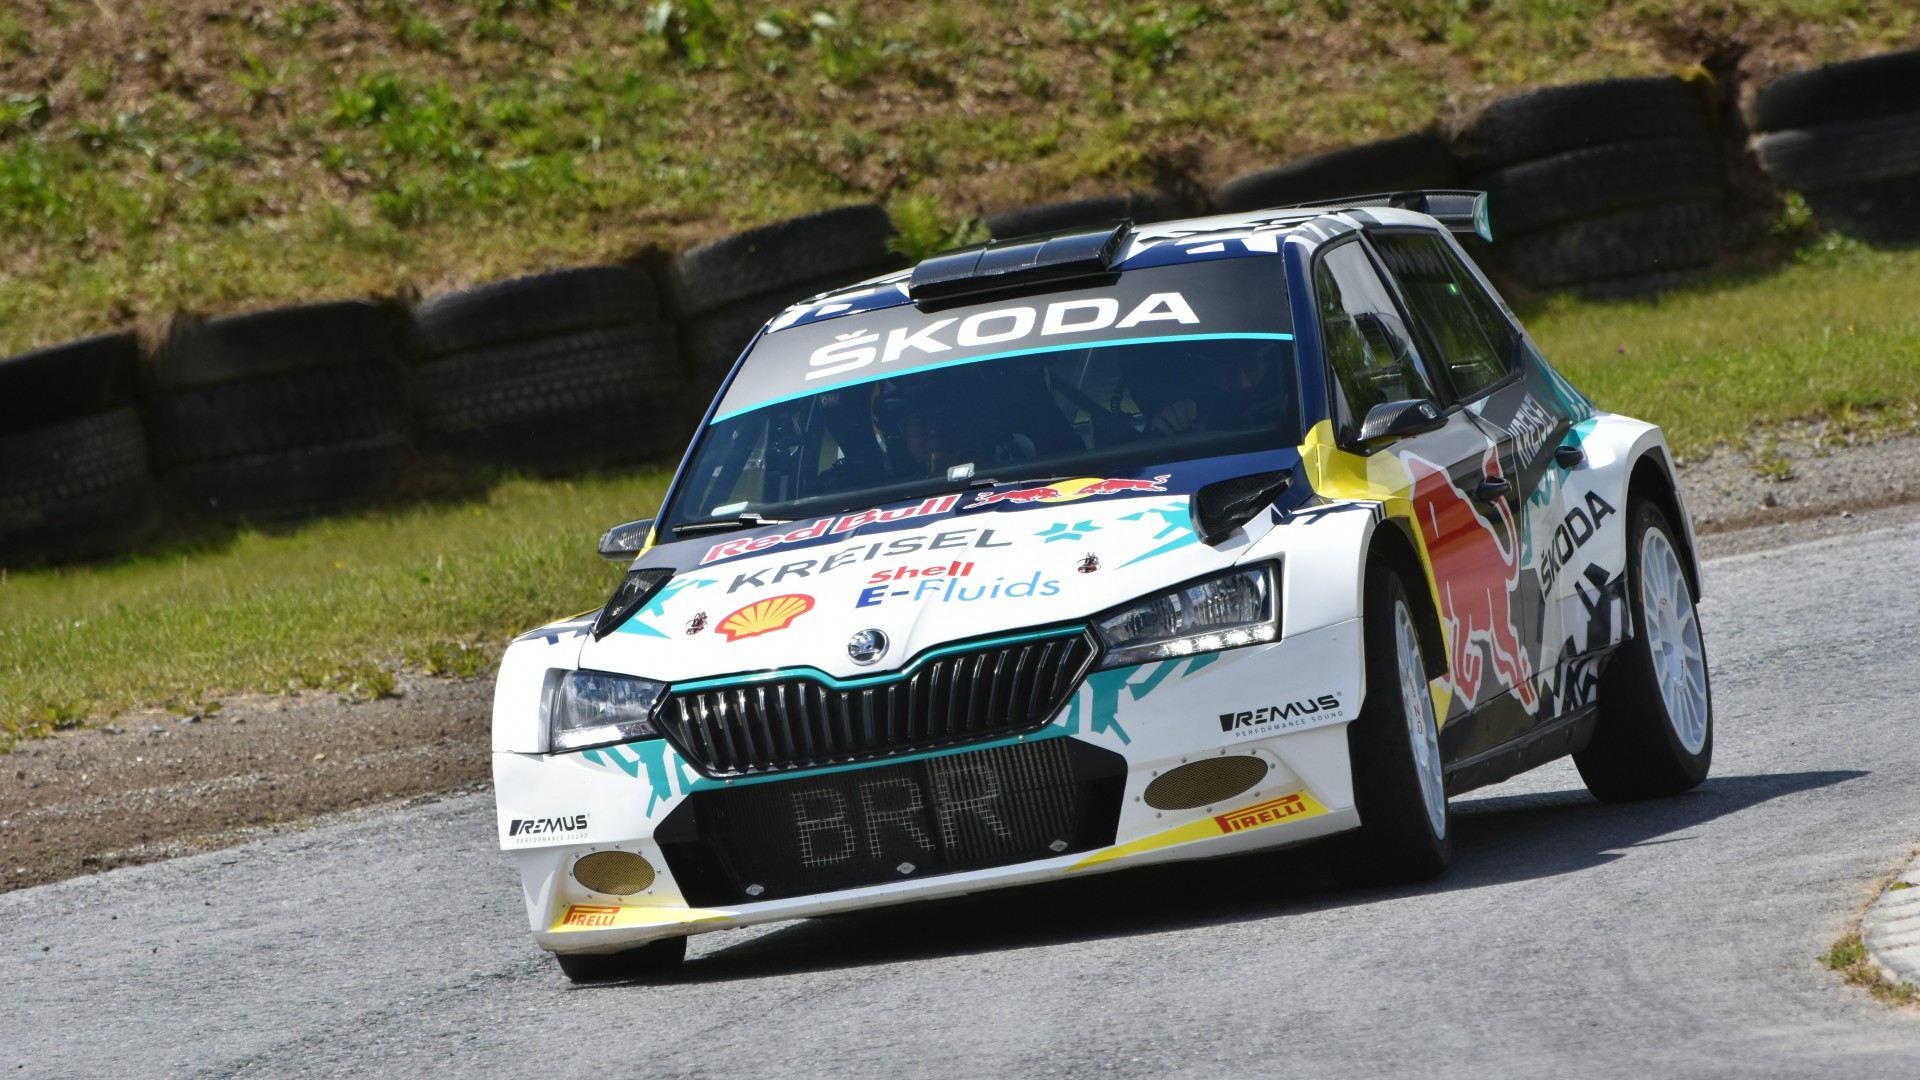 Škoda Fabia RE-X1 Kreisel, comienza la electrificación completa en los rallies